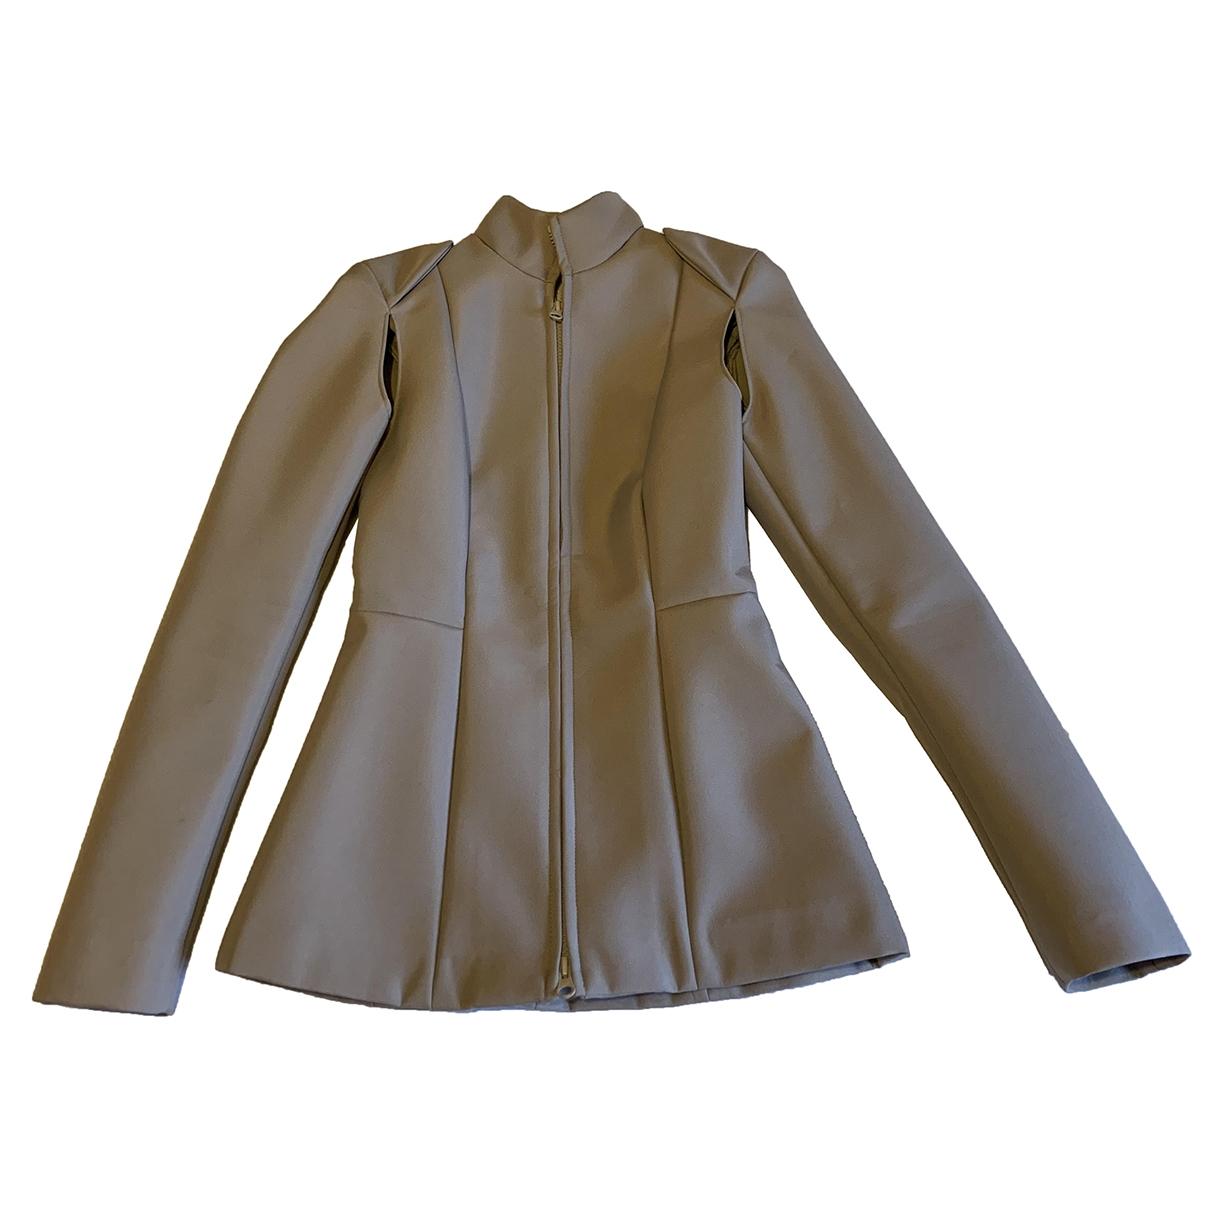 Maison Martin Margiela Pour H&m \N Beige jacket for Women 36 IT